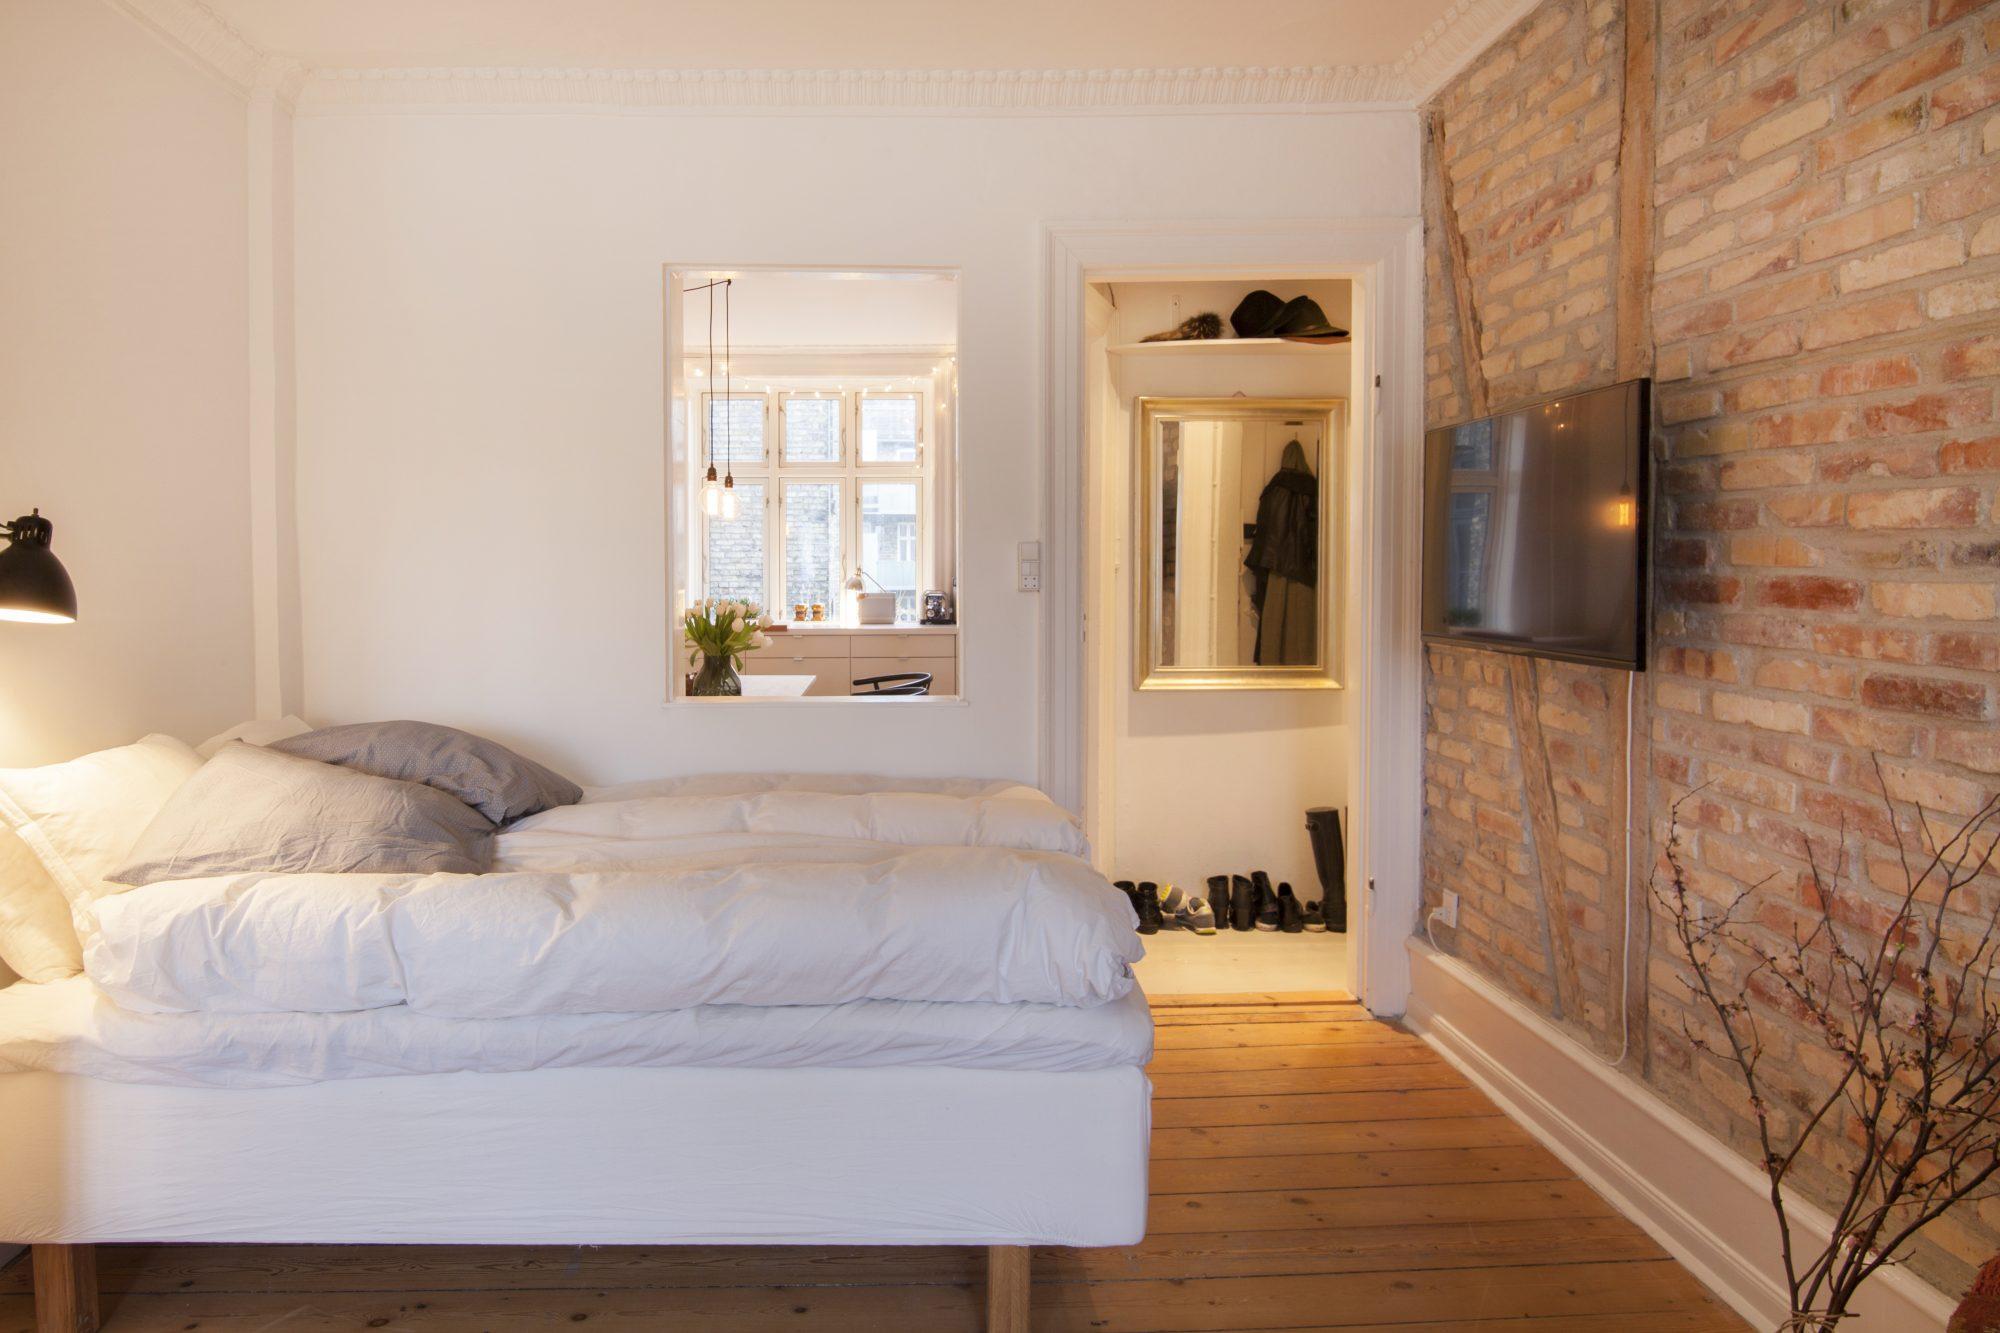 Airbnb – charmerende lejlighed ved søerne i København. (Foto: Airbnb)